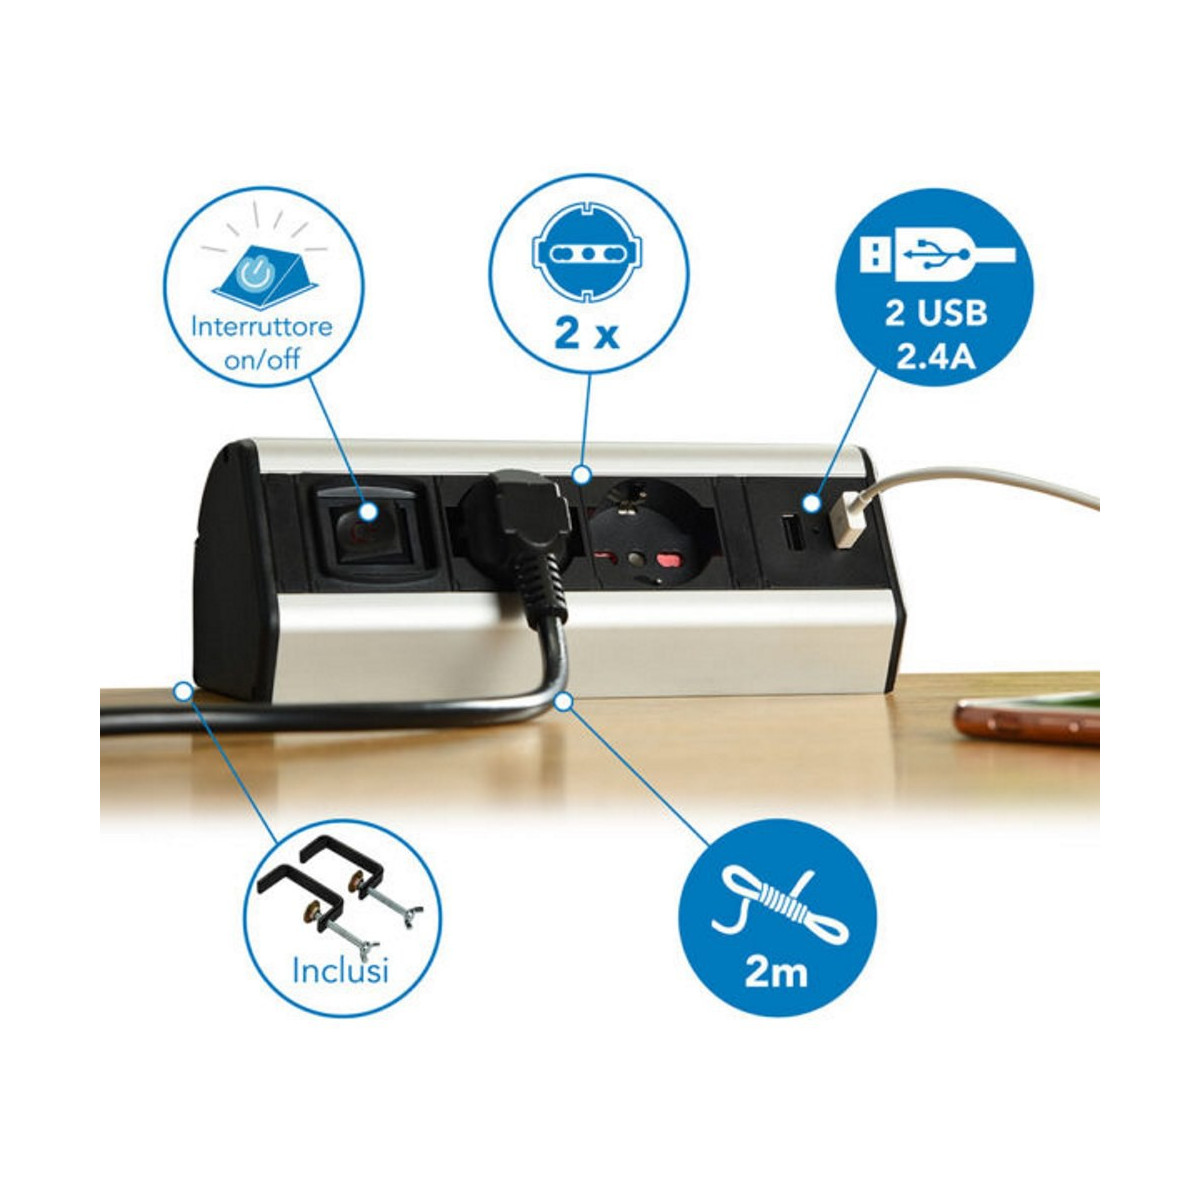 Multipresa-da-Scrivania-2-Schuko-10-16A-2-USB-2-4A-supporti-per-fissaggio miniatura 10